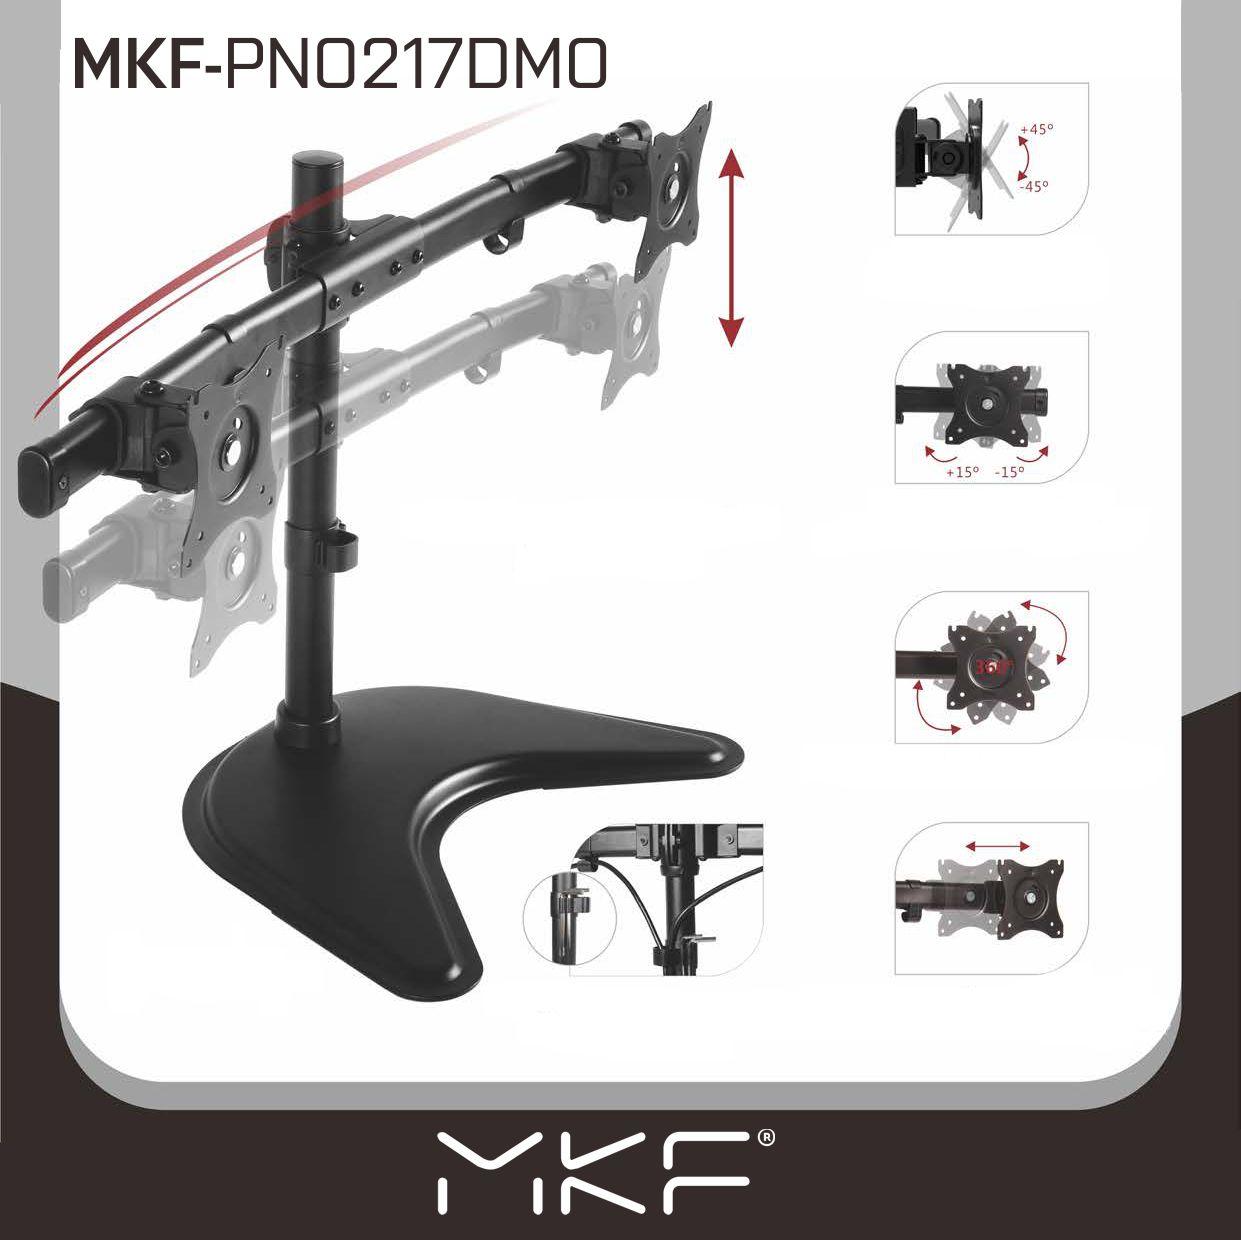 Držák na monitory, MKF-PNO217DMO, Držák, Monitory, držák na stůl